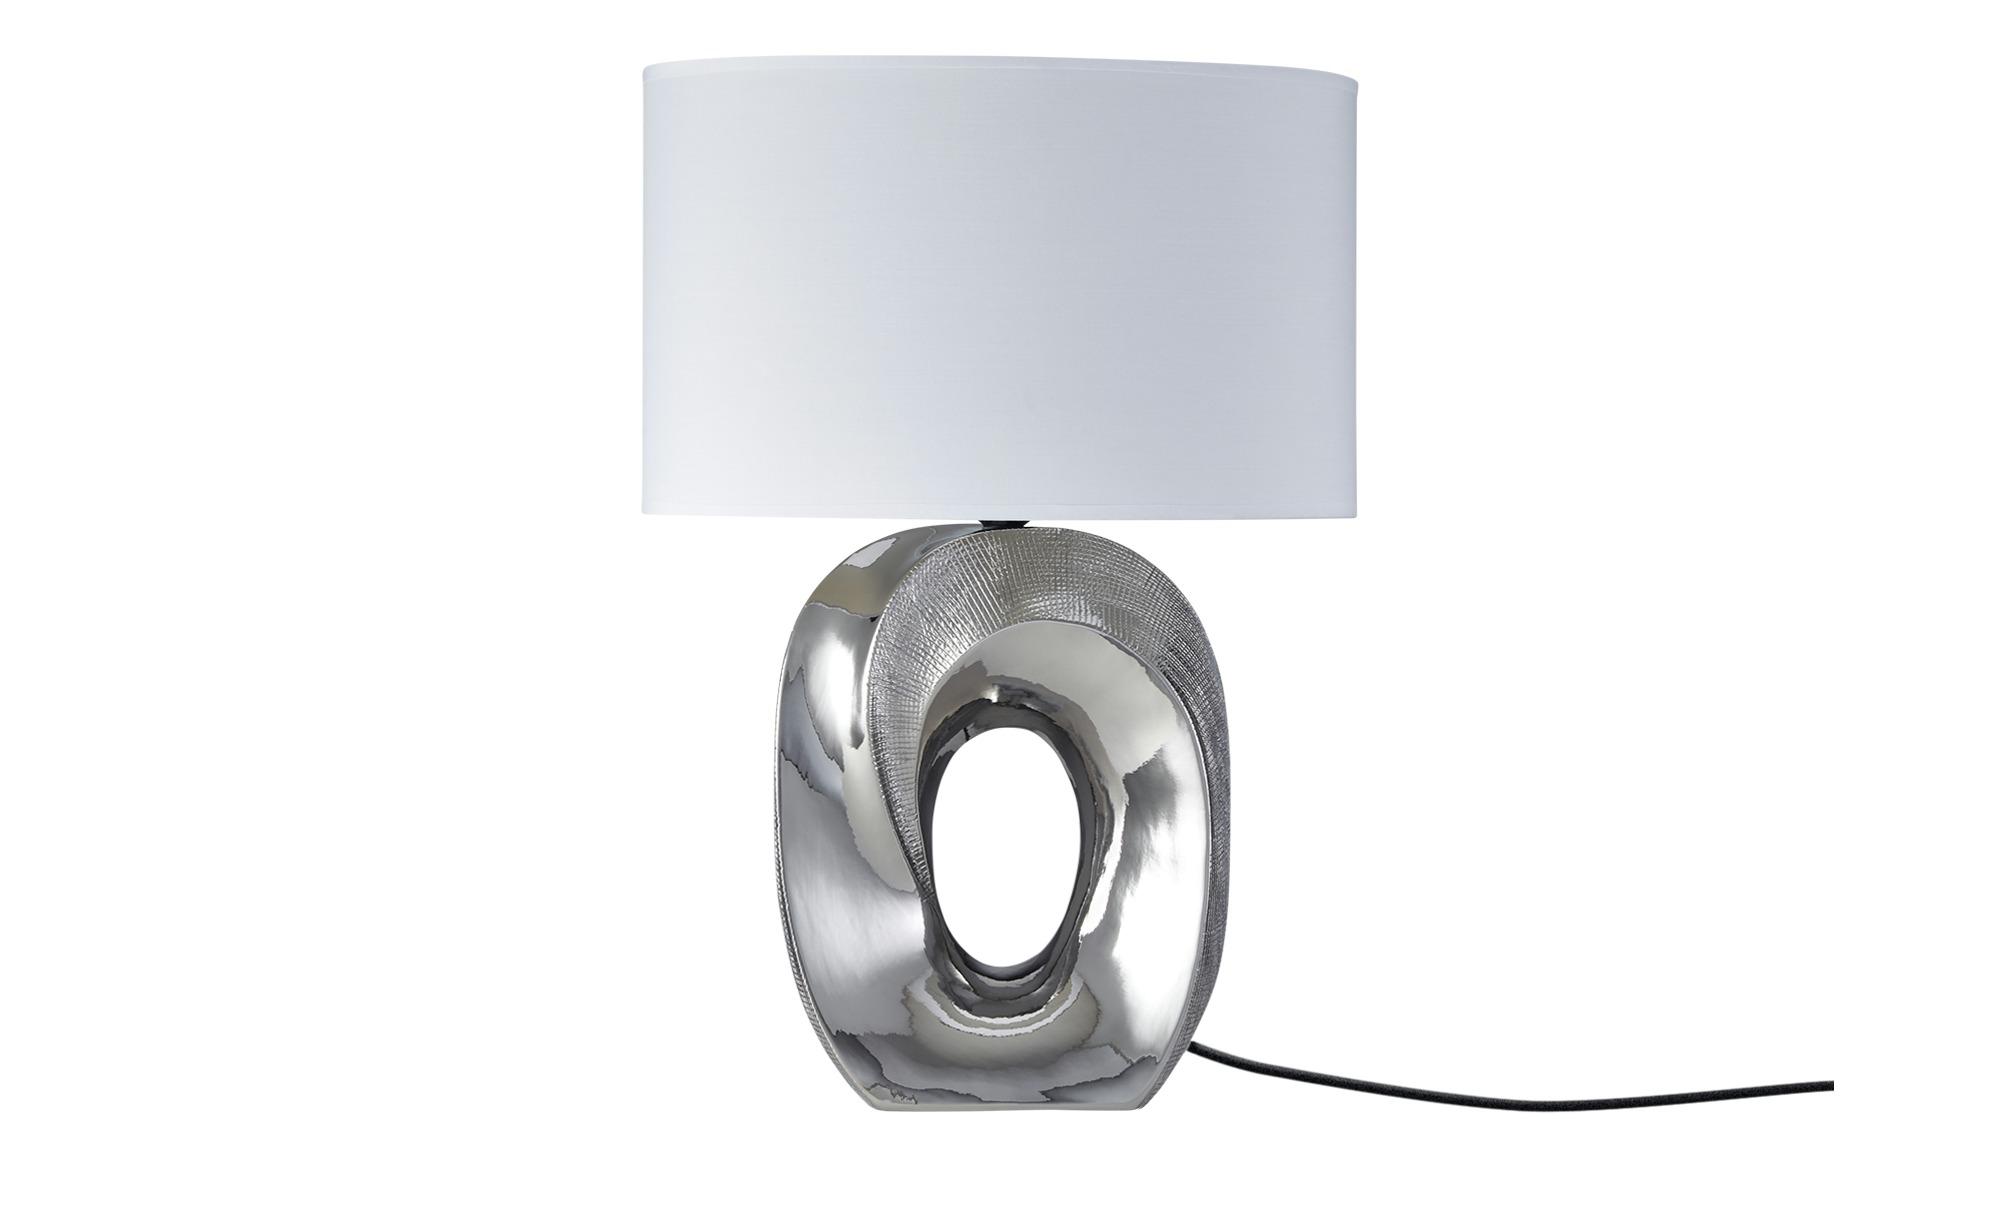 KHG Tischleuchte, Stoffschirm oval ¦ silber ¦ Maße (cm): B: 21 H: 53,5 Lampen & Leuchten > Innenleuchten > Tischlampen - Höffner